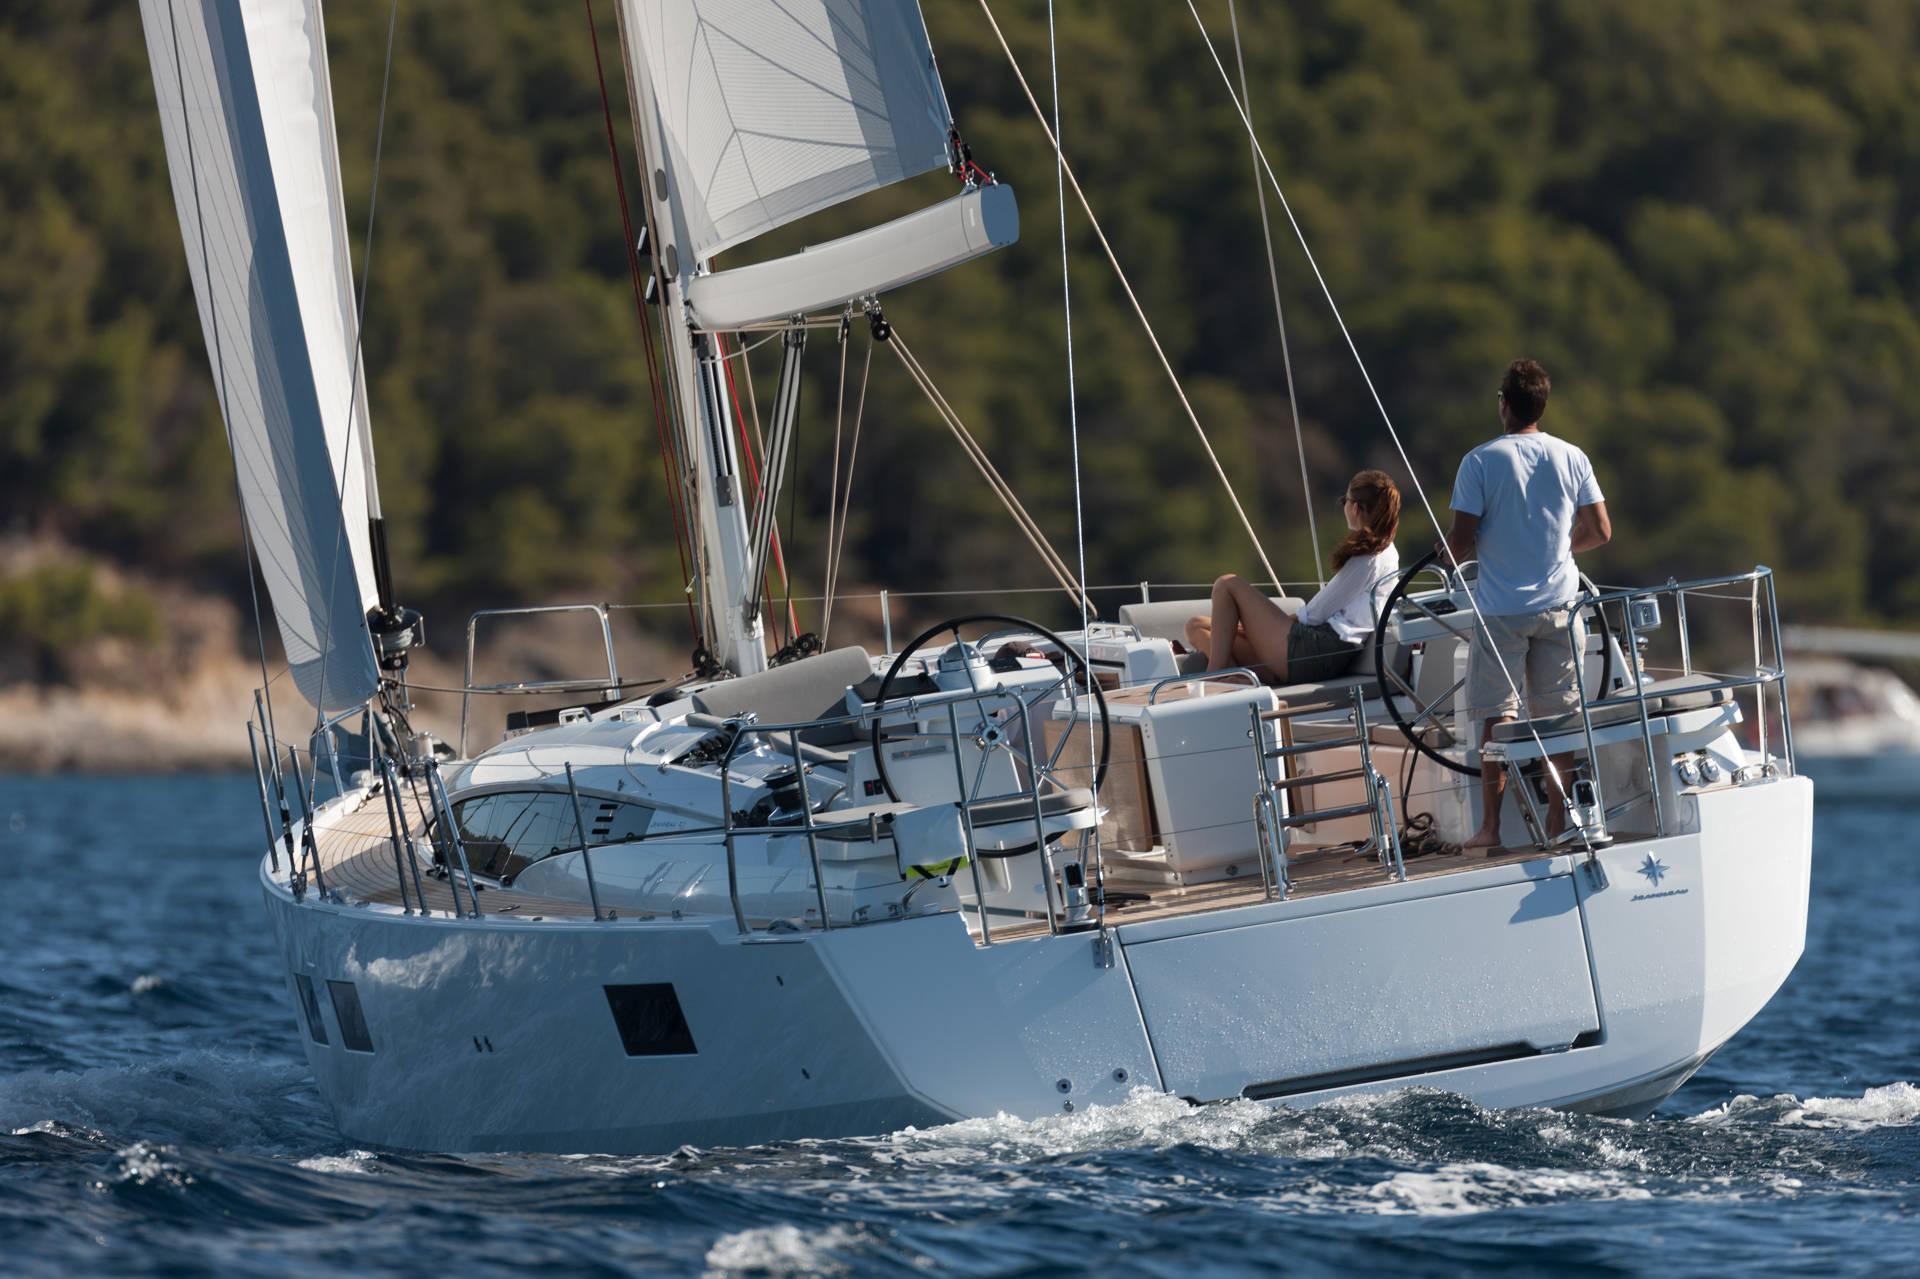 Favignana Levanzo Marettimo | Sailing Charter Sicily | Holiday Italy